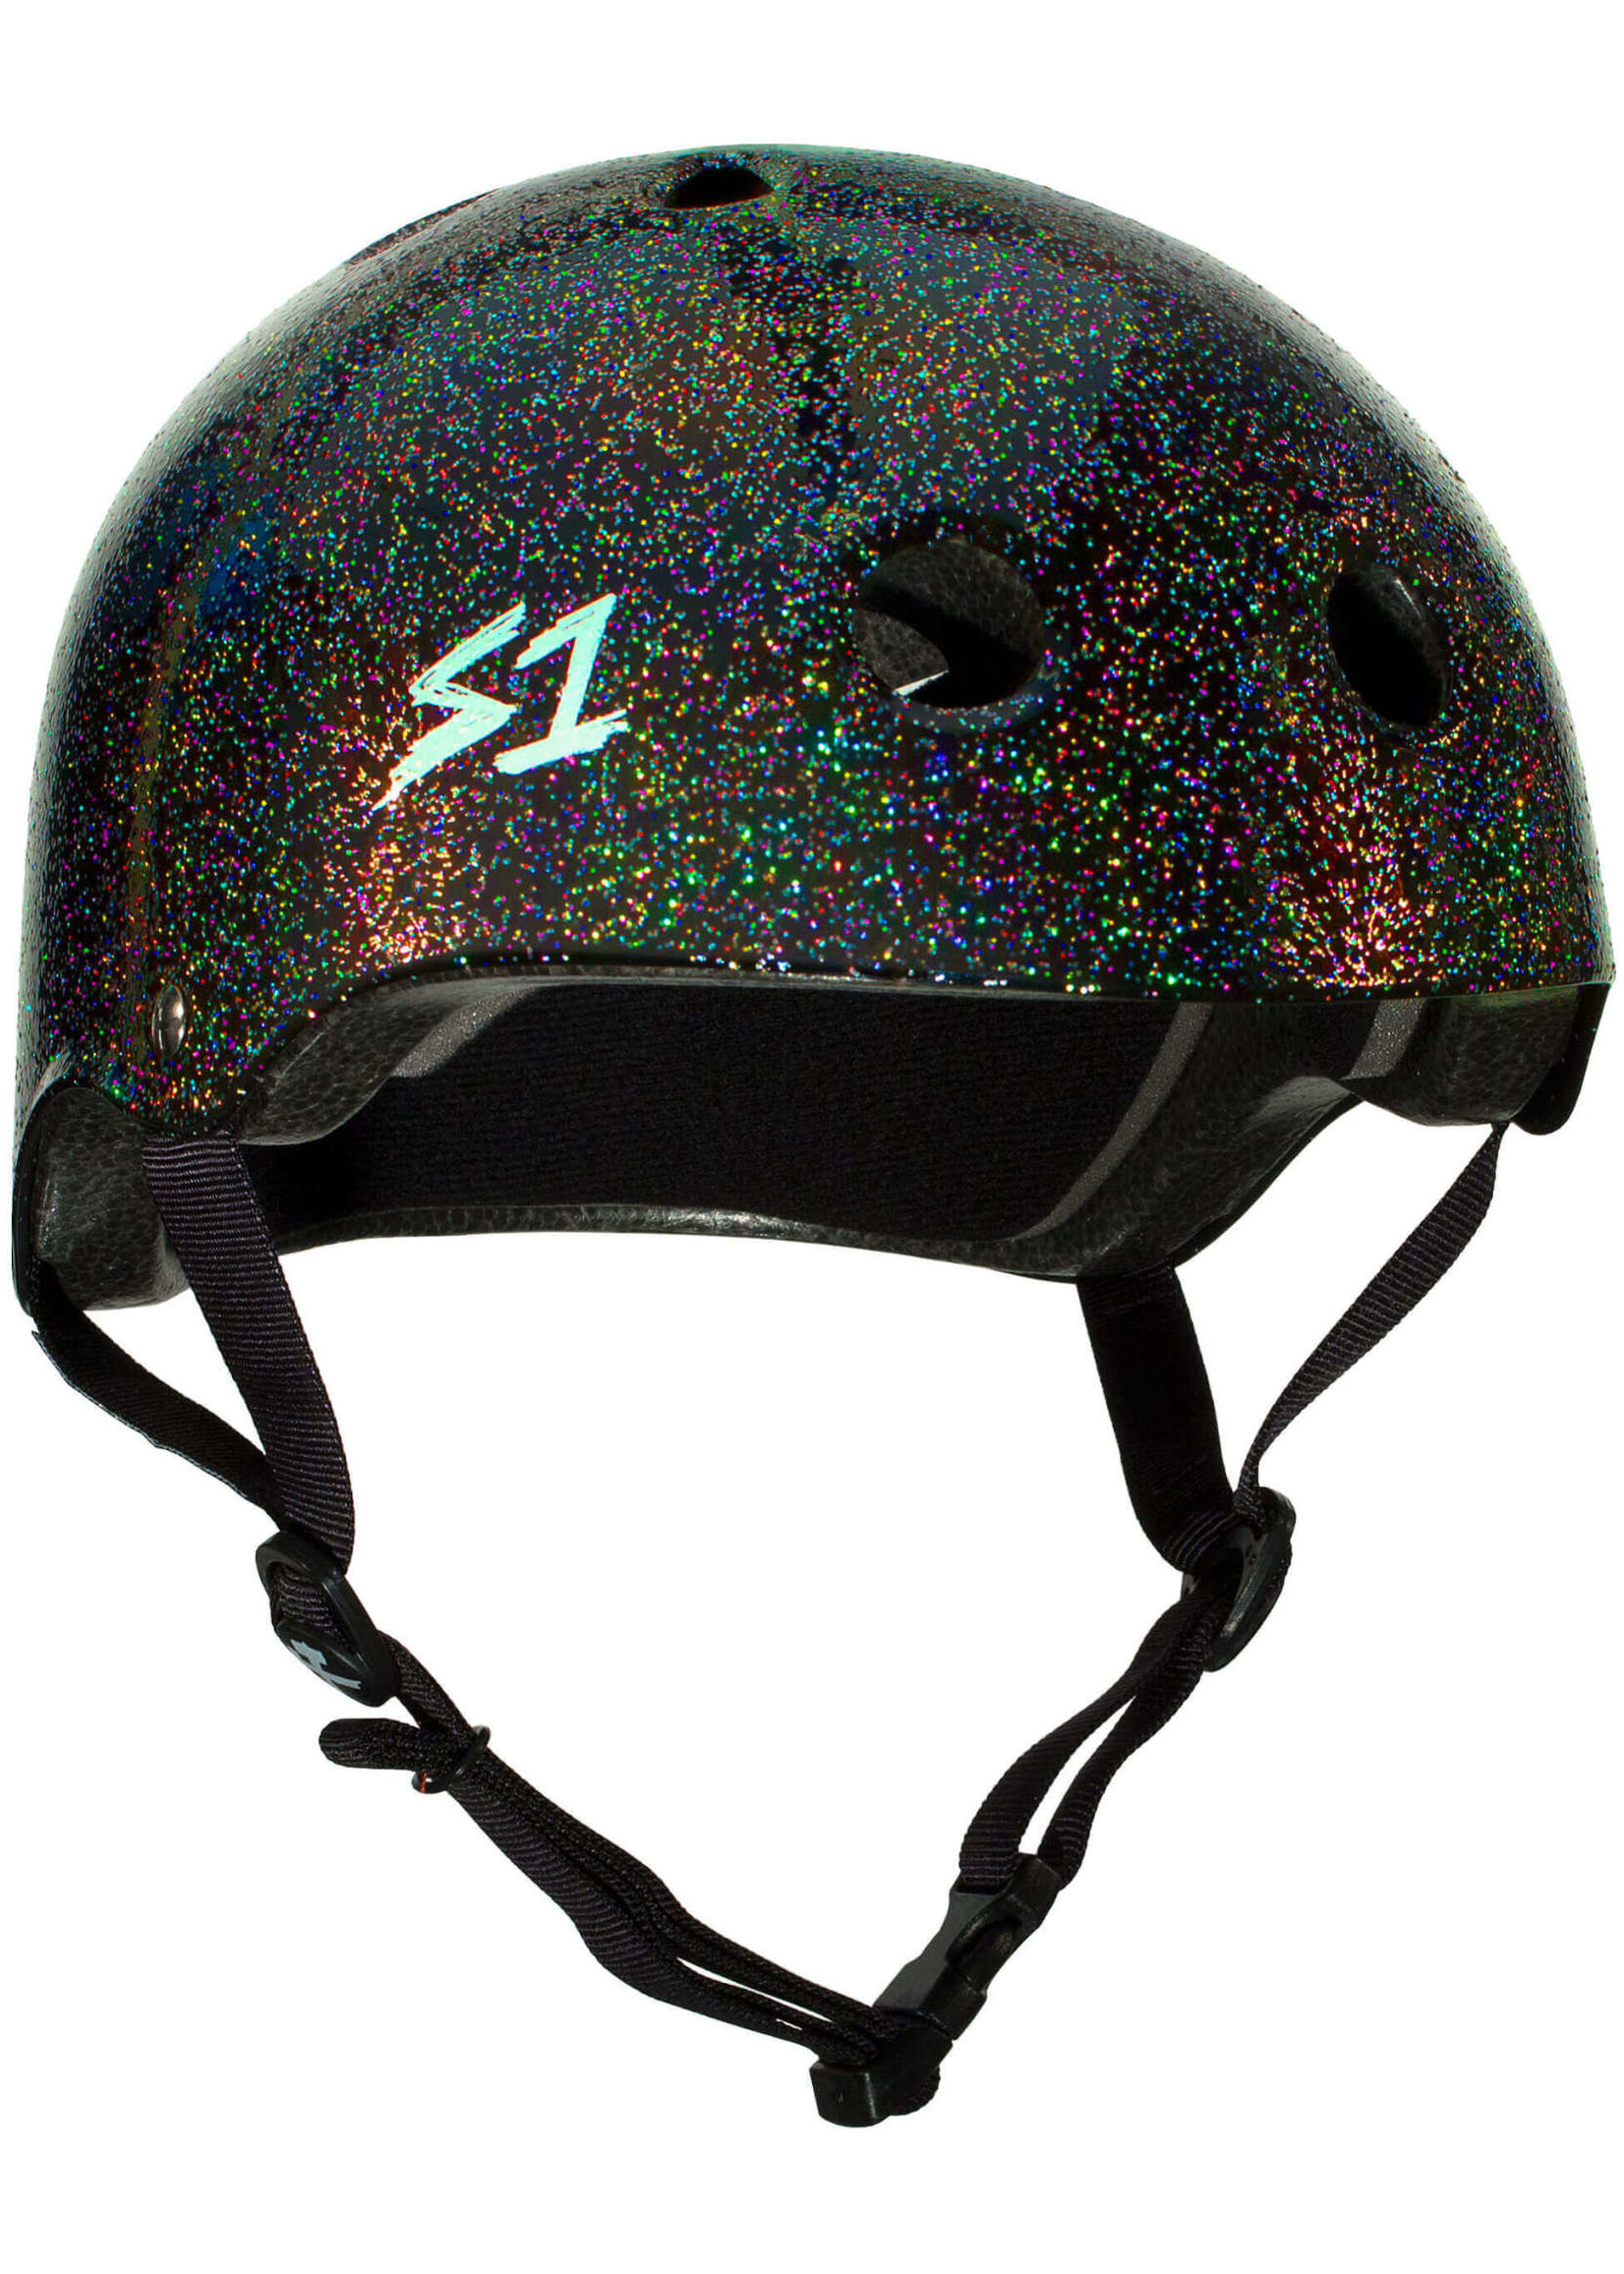 S1 S1 - Lifer - Glitter